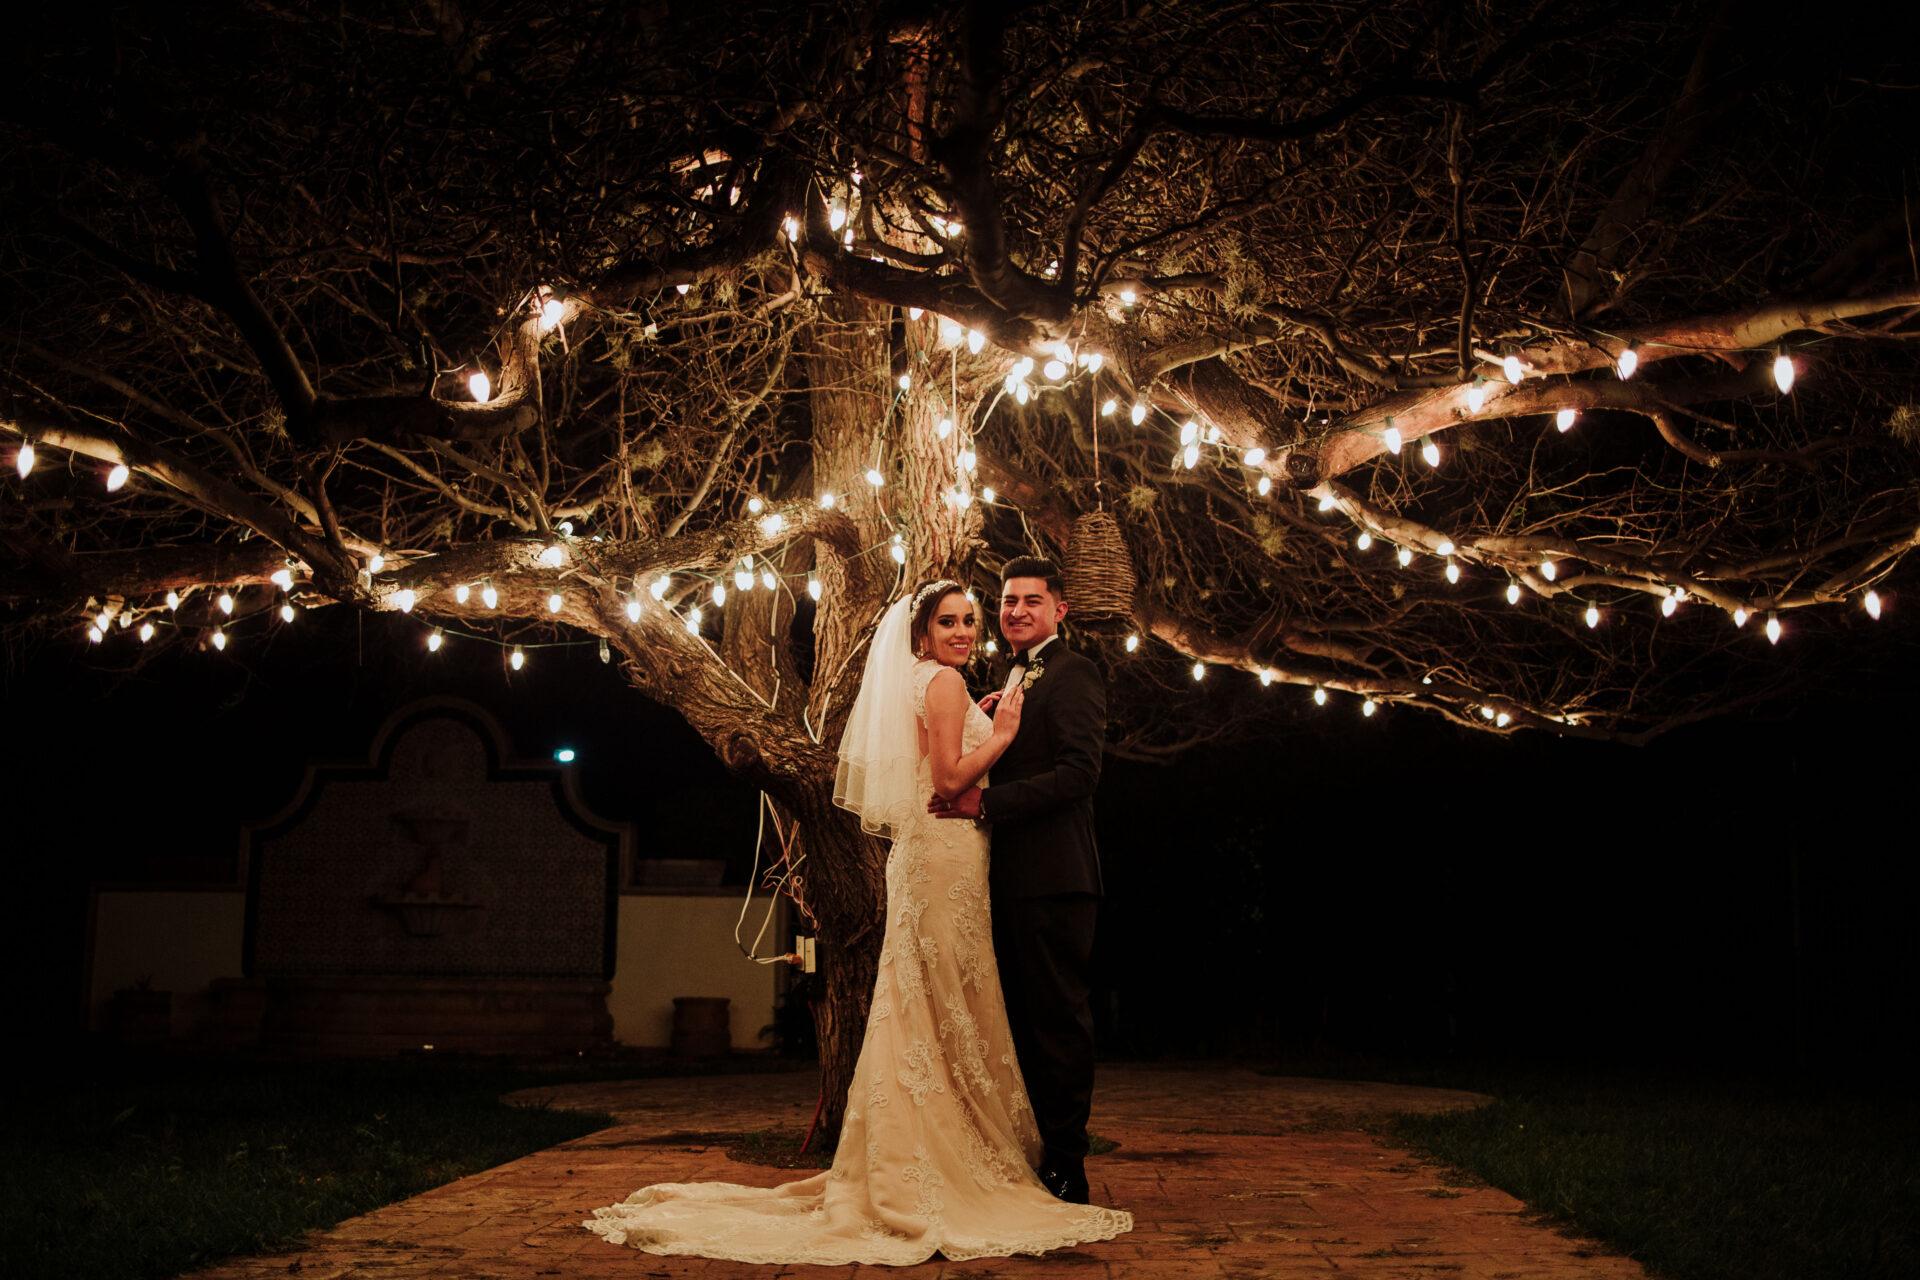 javier_noriega_fotografo_Boda_san_ramon_zacatecas_wedding_photographer14